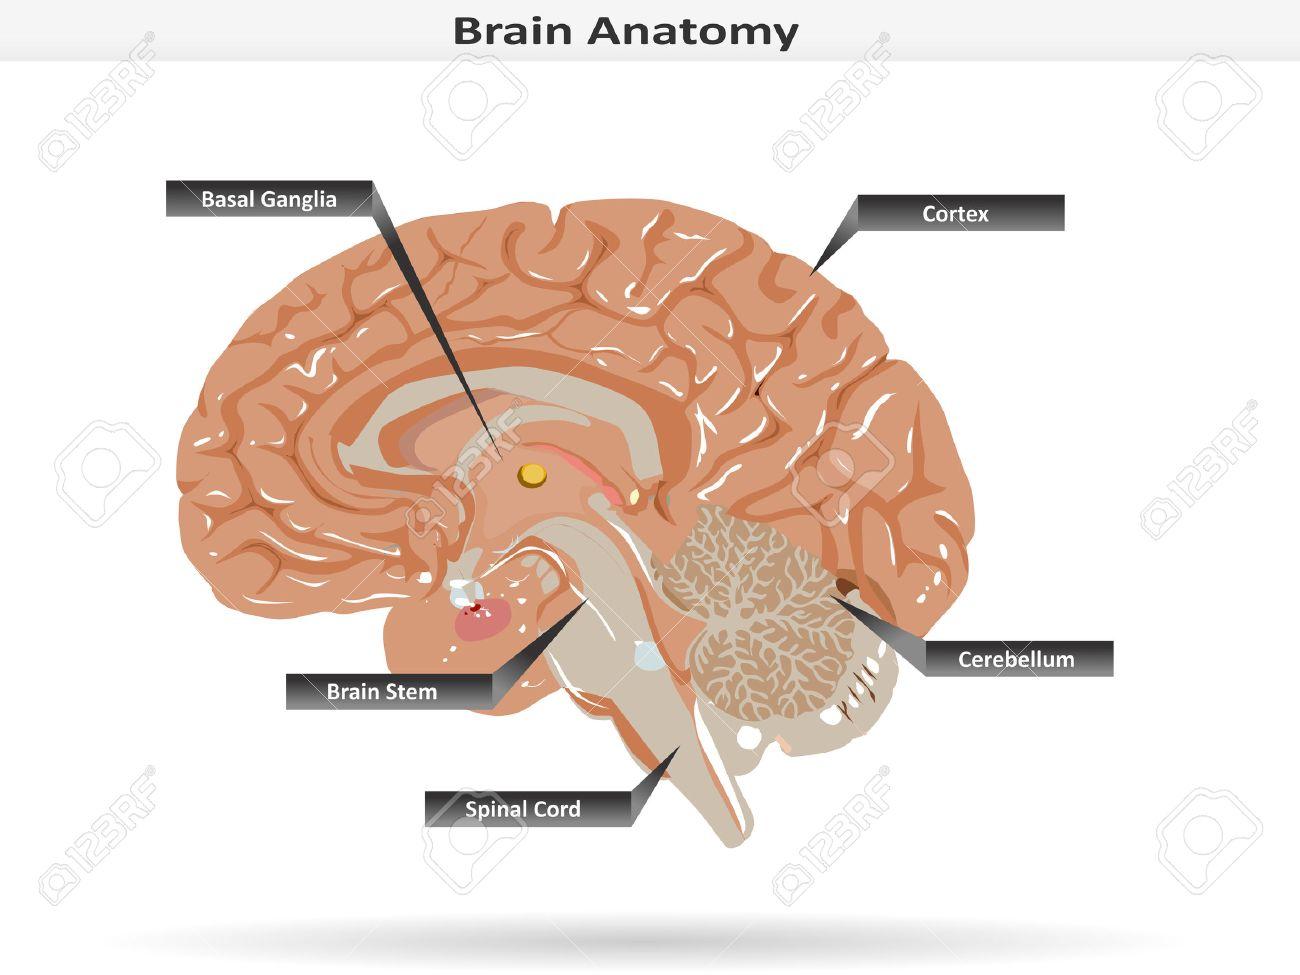 Anatomía Del Cerebro Con Ganglios Basales, Corteza, Tronco Cerebral ...